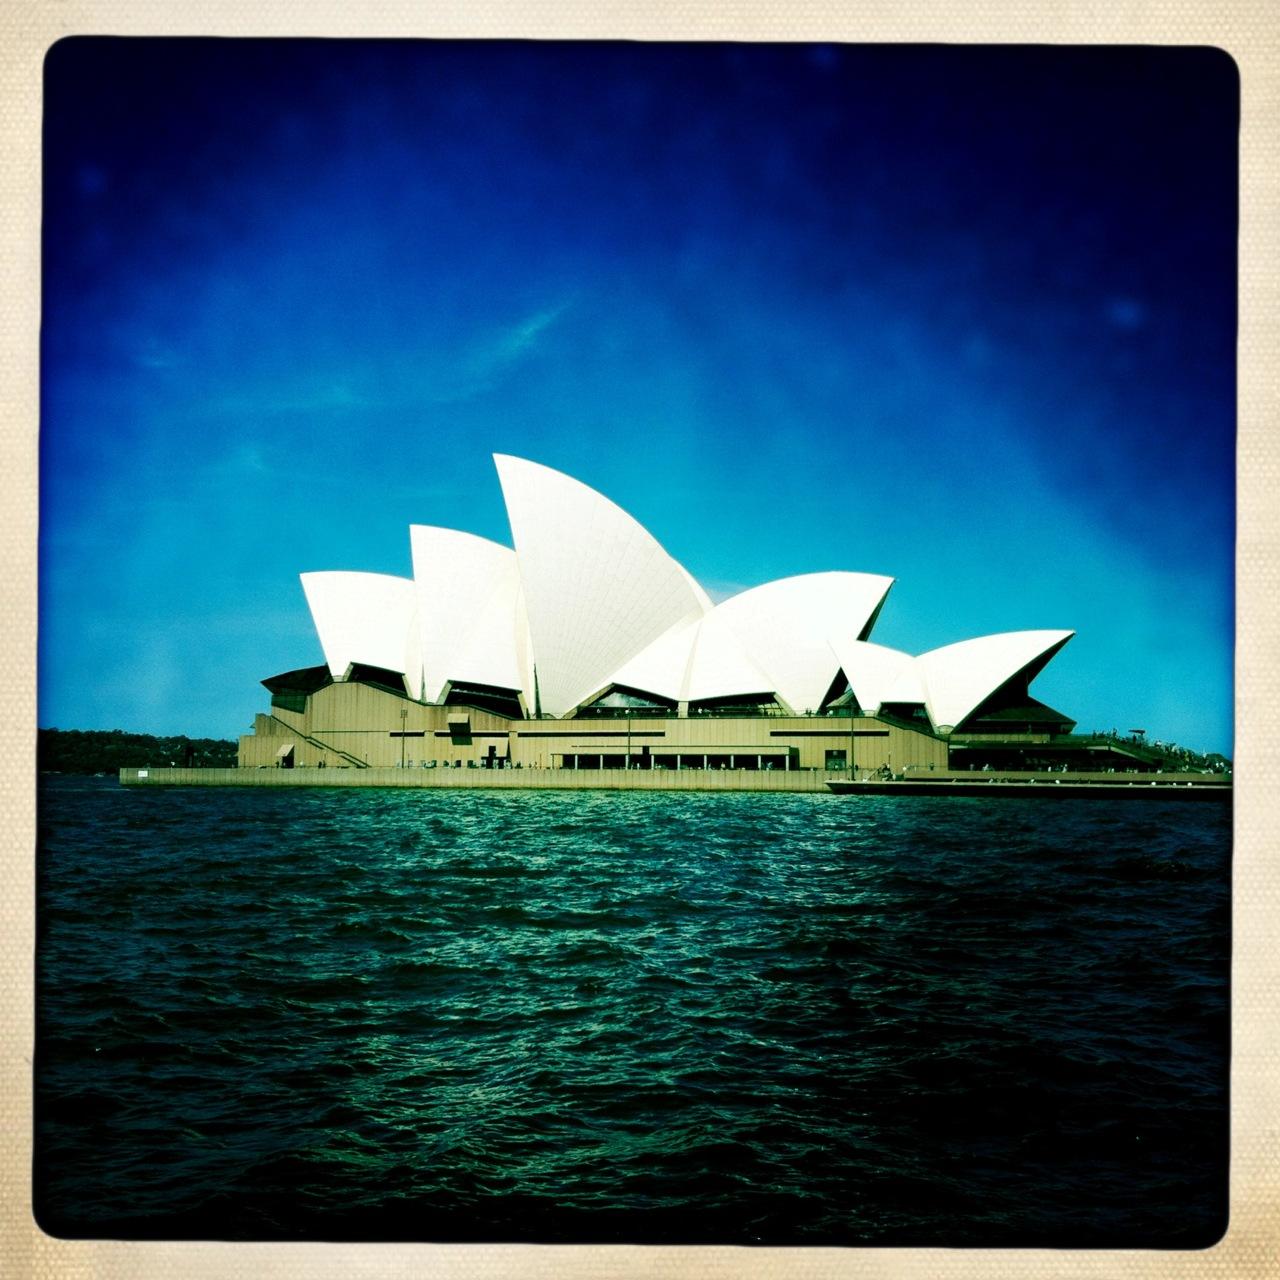 Sydney Opera. On se réjouit d'aller voir un concert là-bas (merci les collègues)!